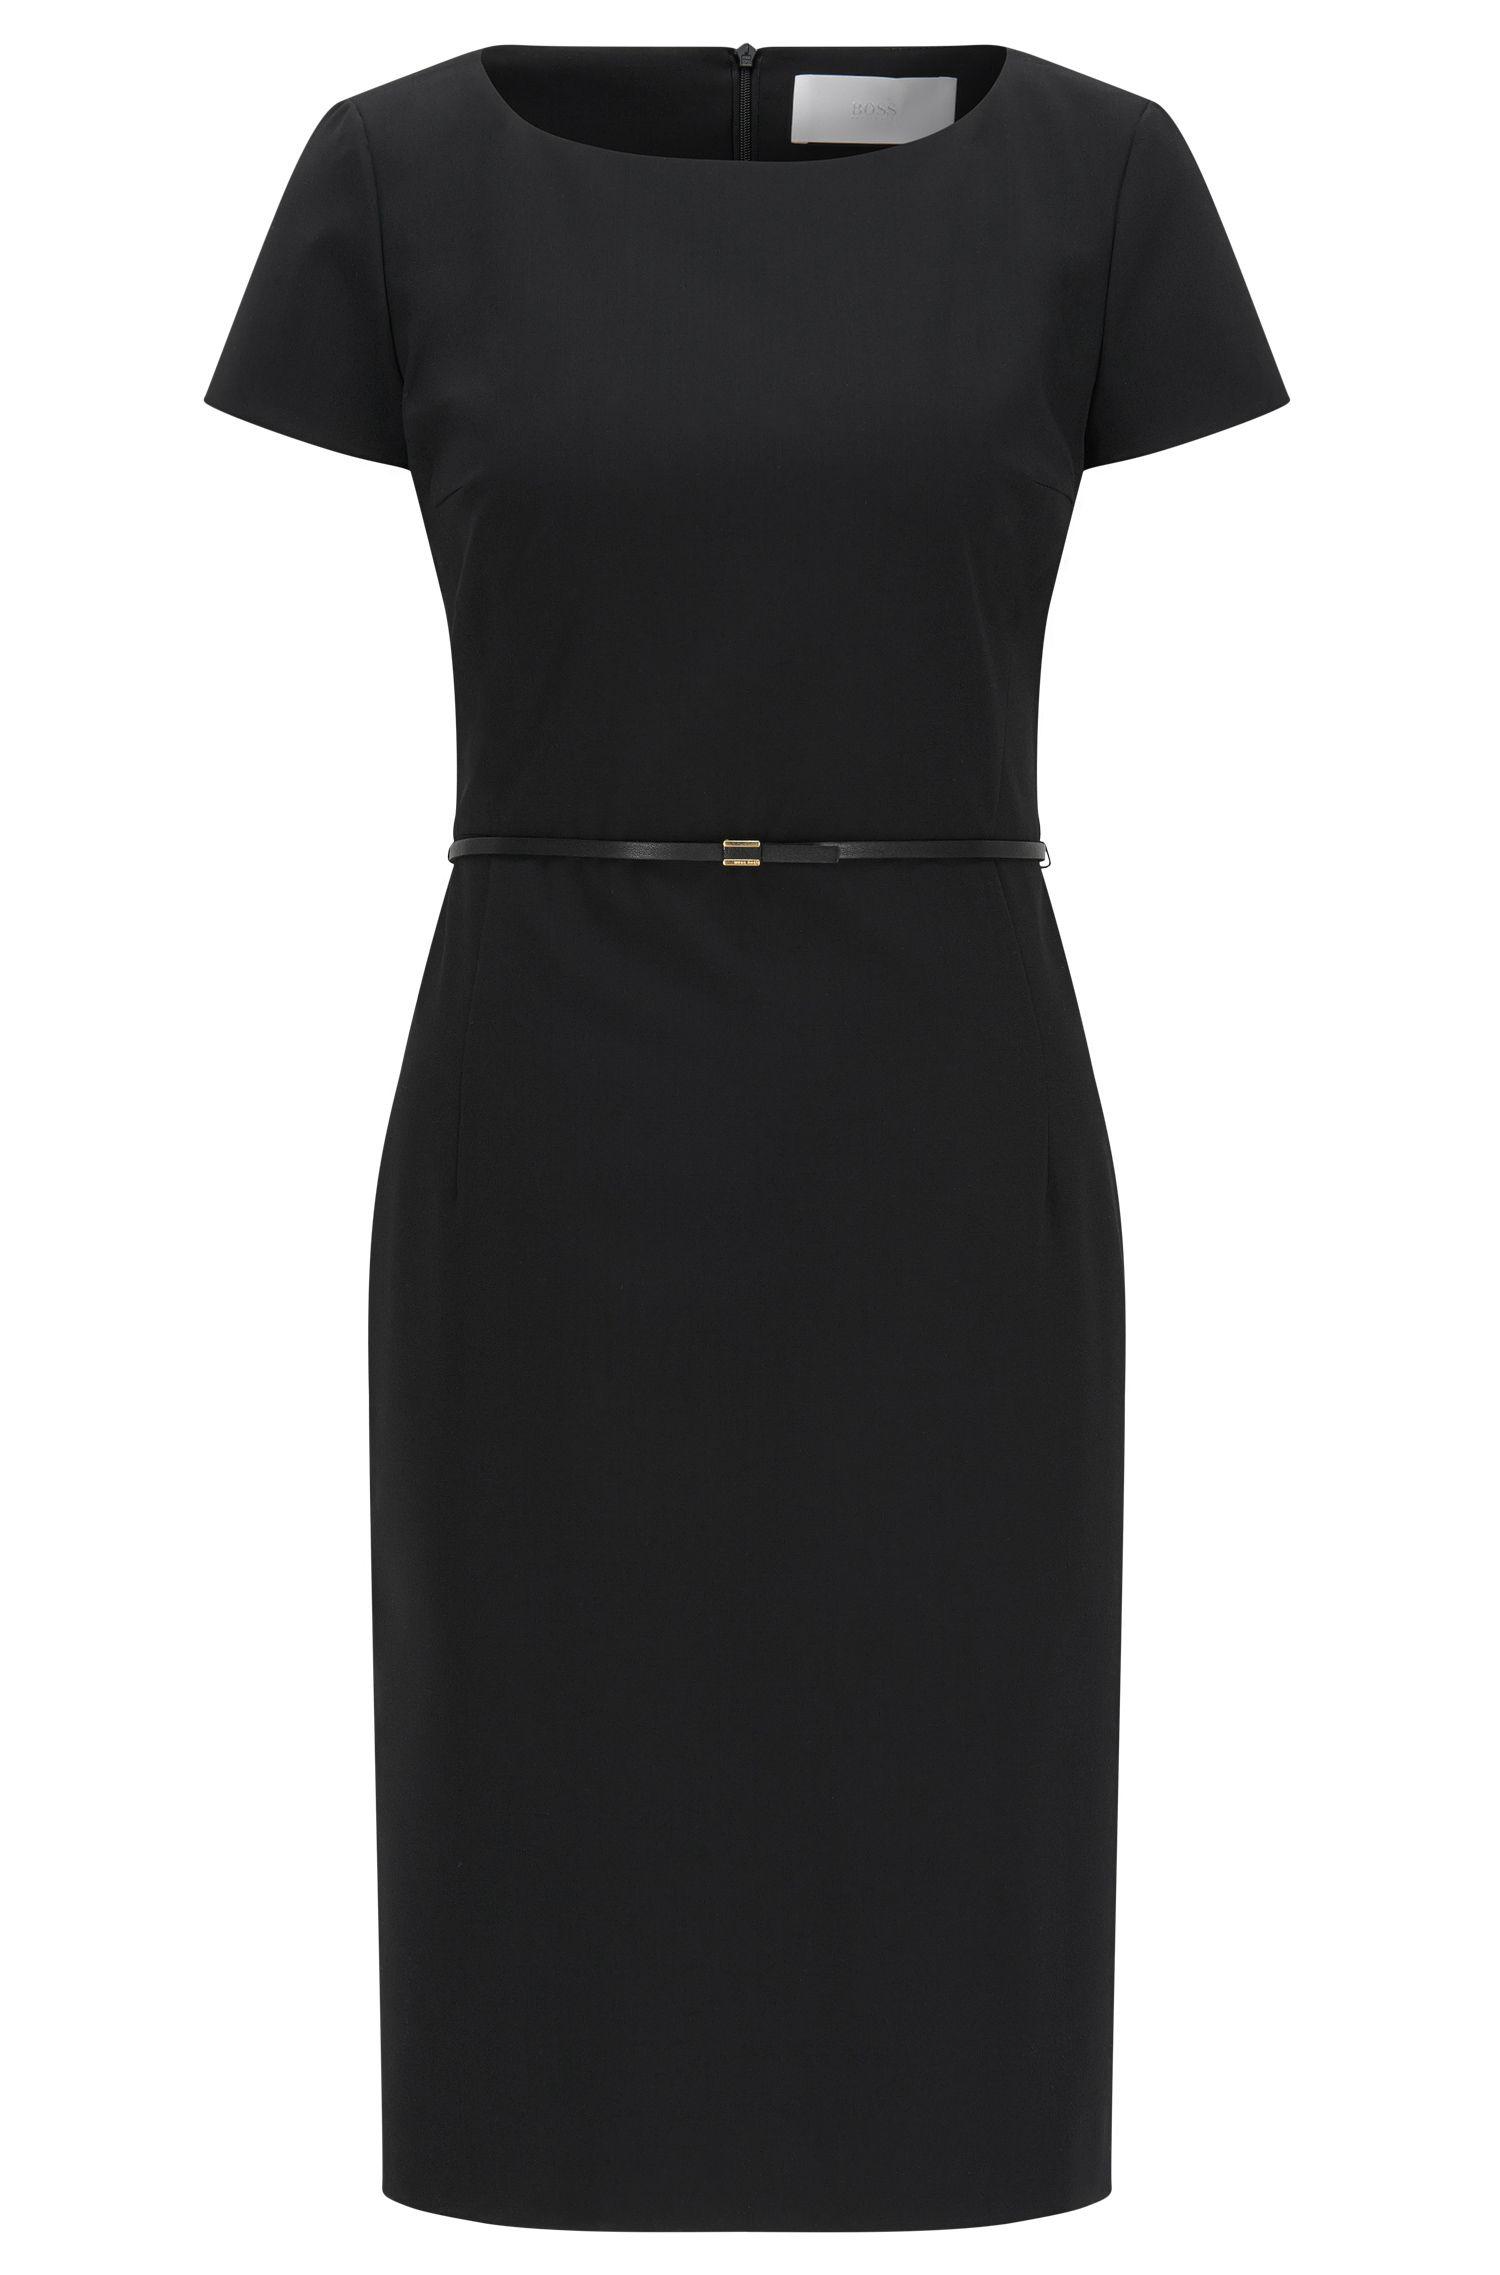 Elegantes Business-Kleid aus Schurwolle mit Stretch-Anteil